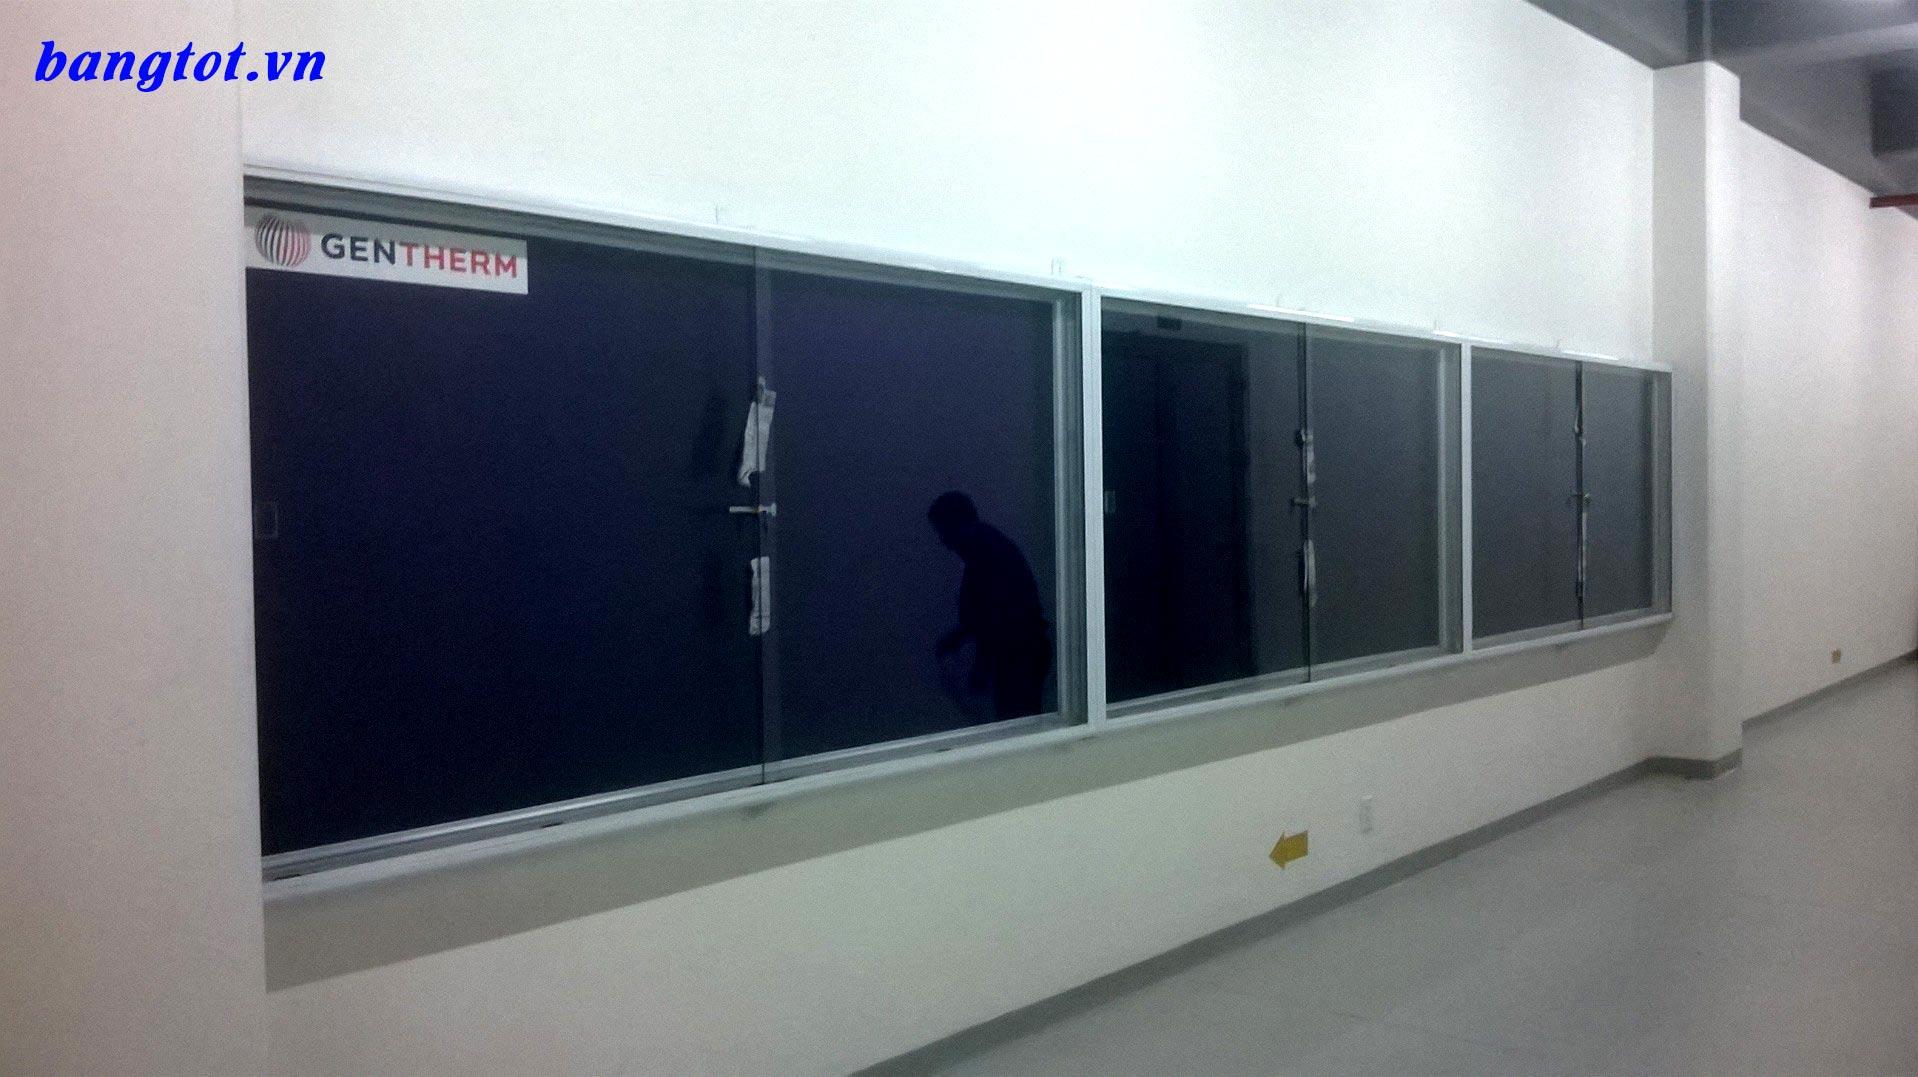 bảng thông tin có cửa kính lùa